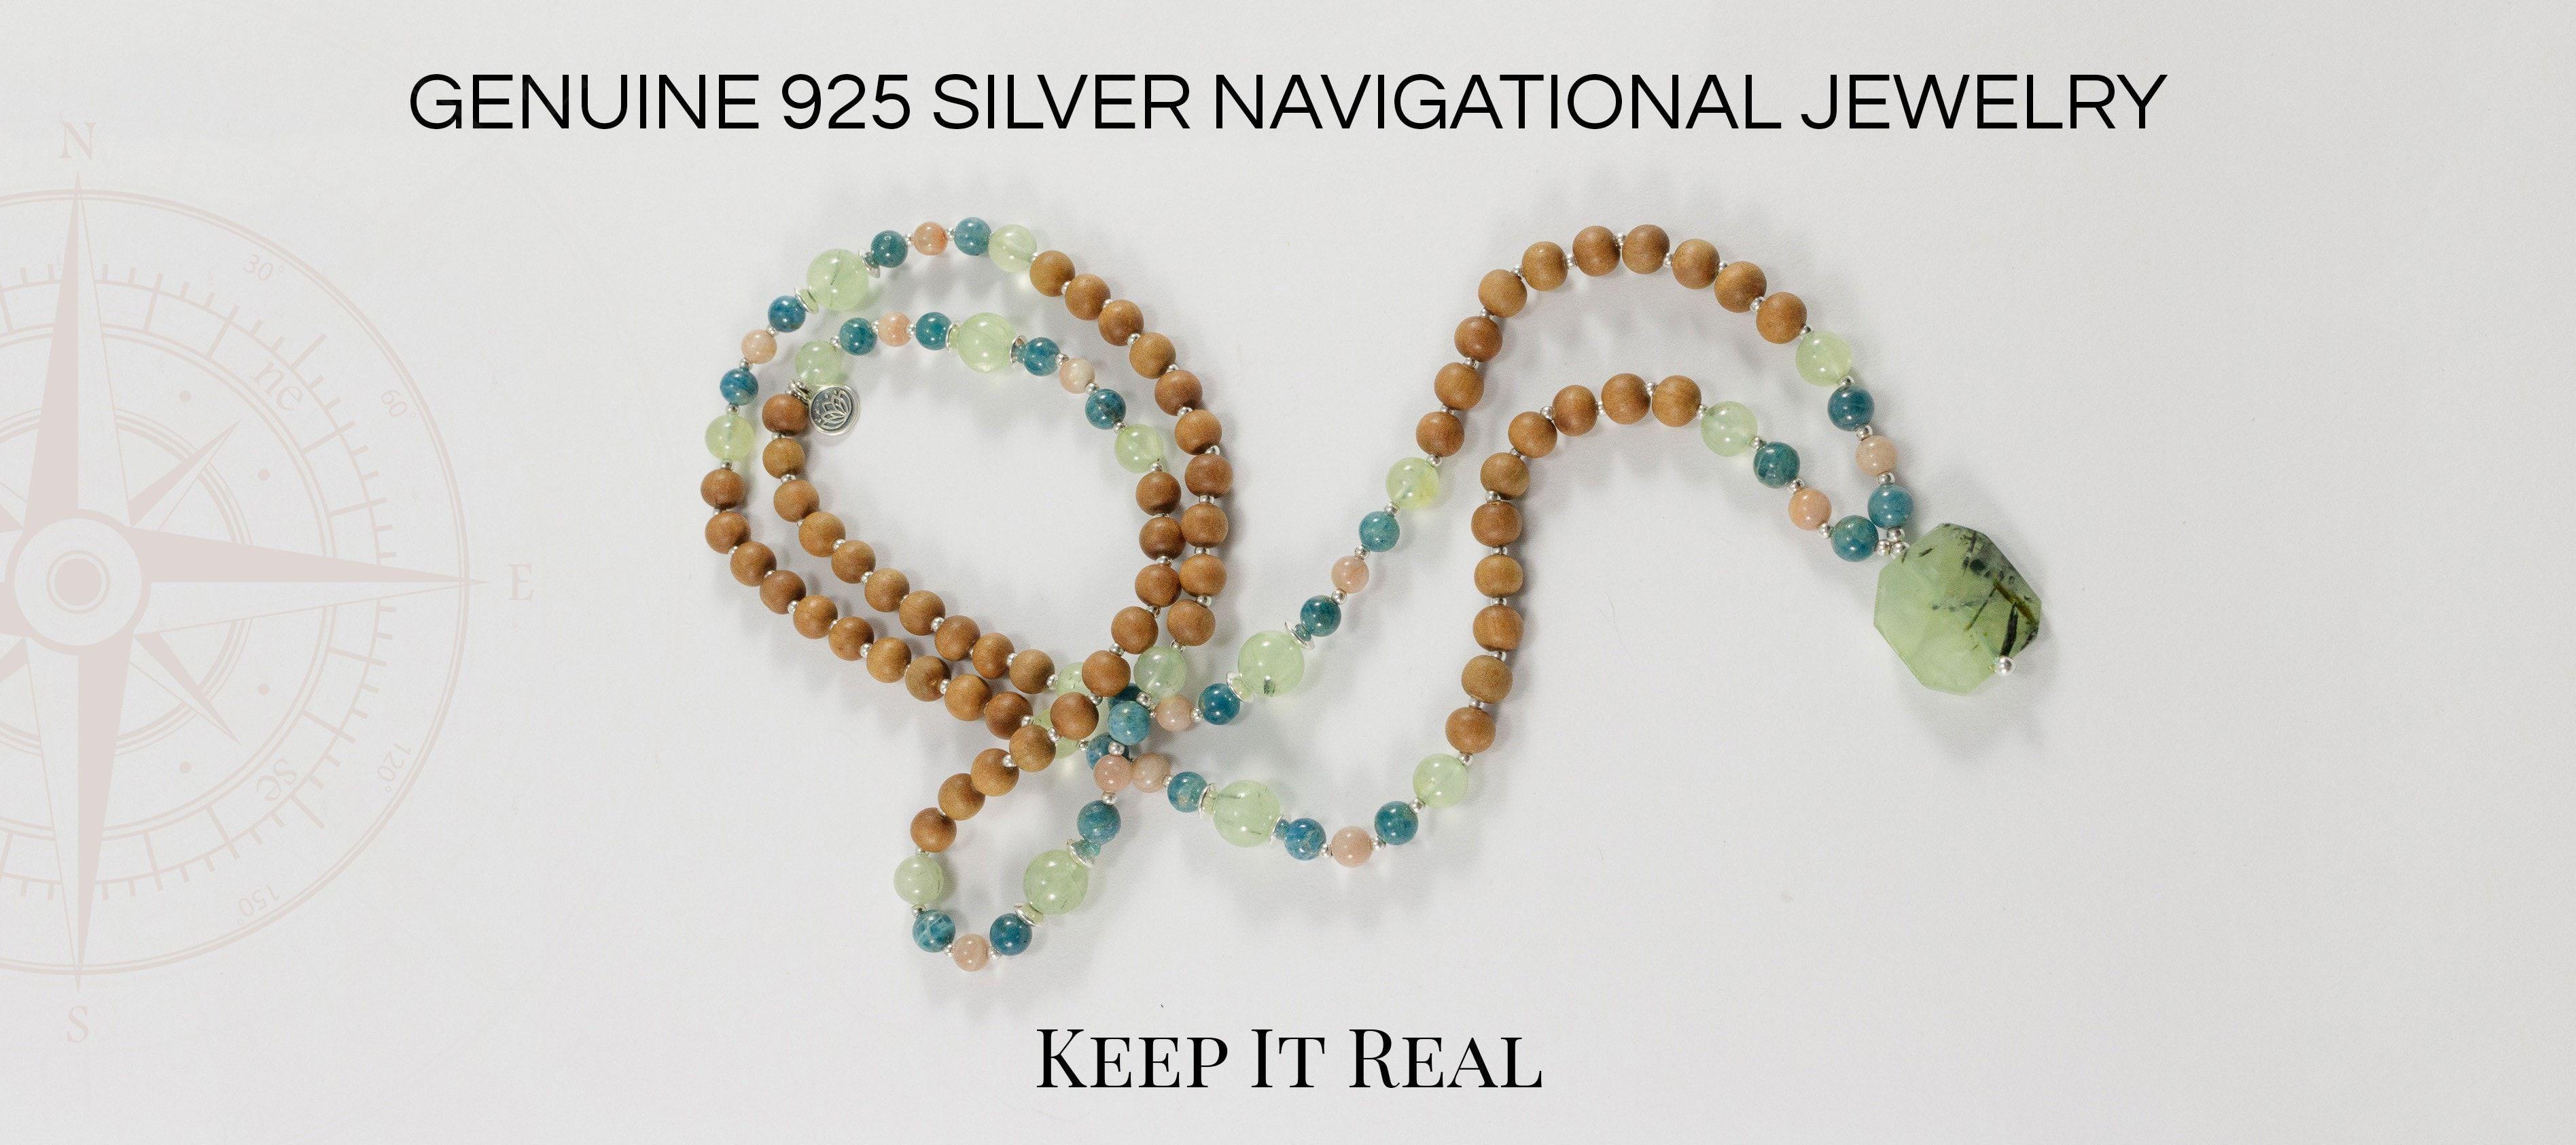 Boho malas, yoga jewelry, bohemian jewelry, mala beads, mala bracelets & sacred prayer beads, including childrens malas, jewelry & baby necklaces